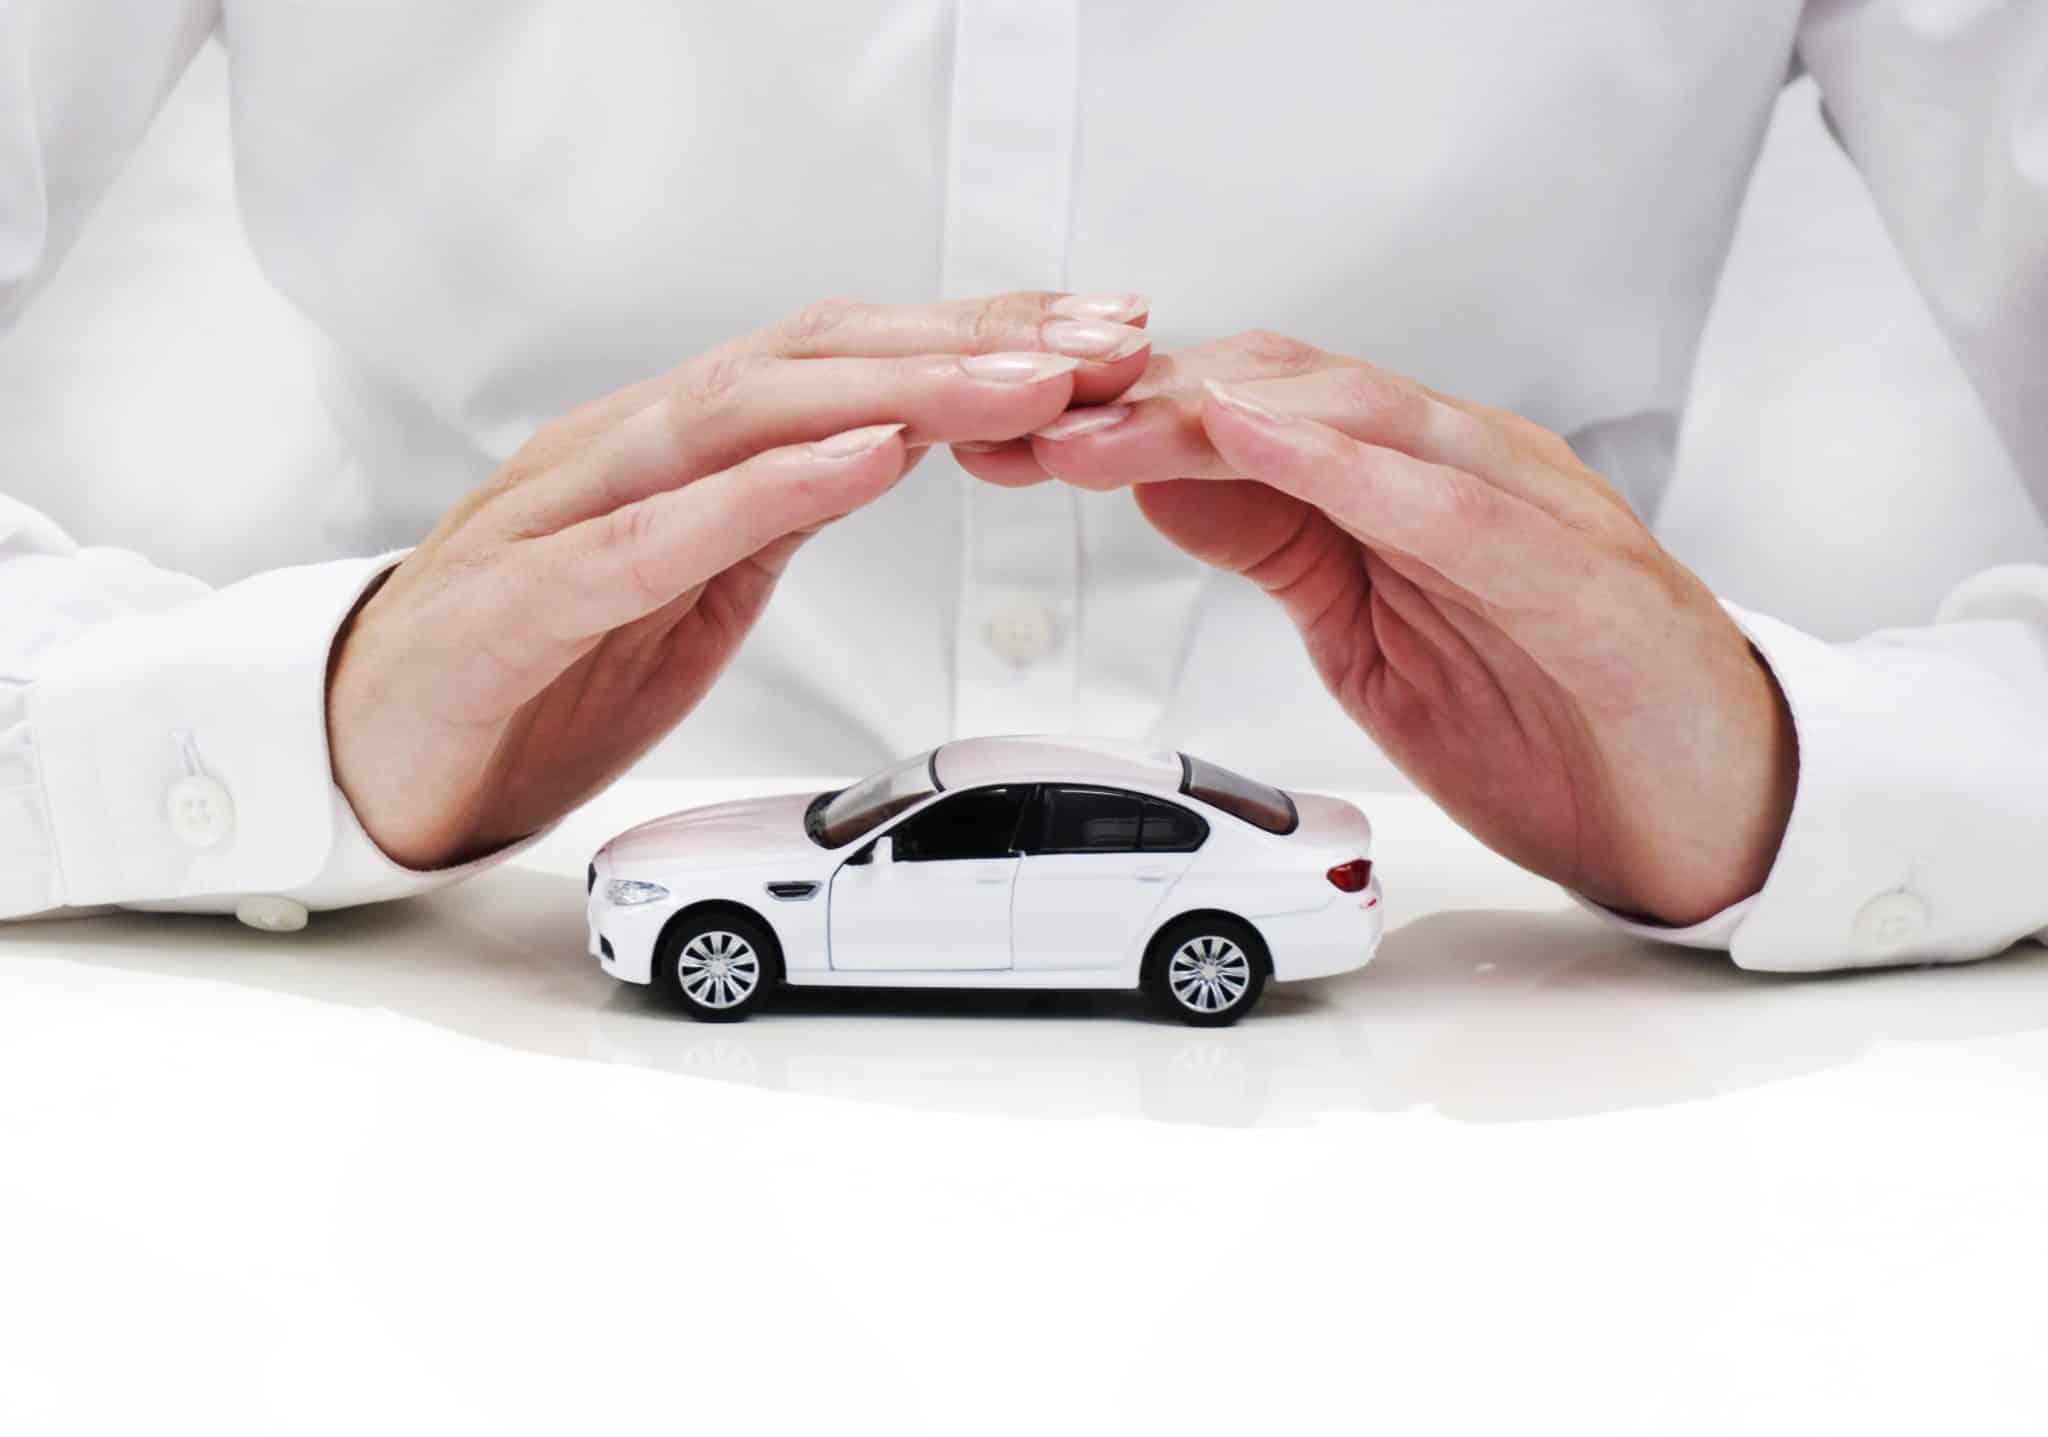 7 gói bảo hiểm khuyên các gia đình nên sử dụng để tránh được rủi ro trong cuộc sống - Ảnh 7.